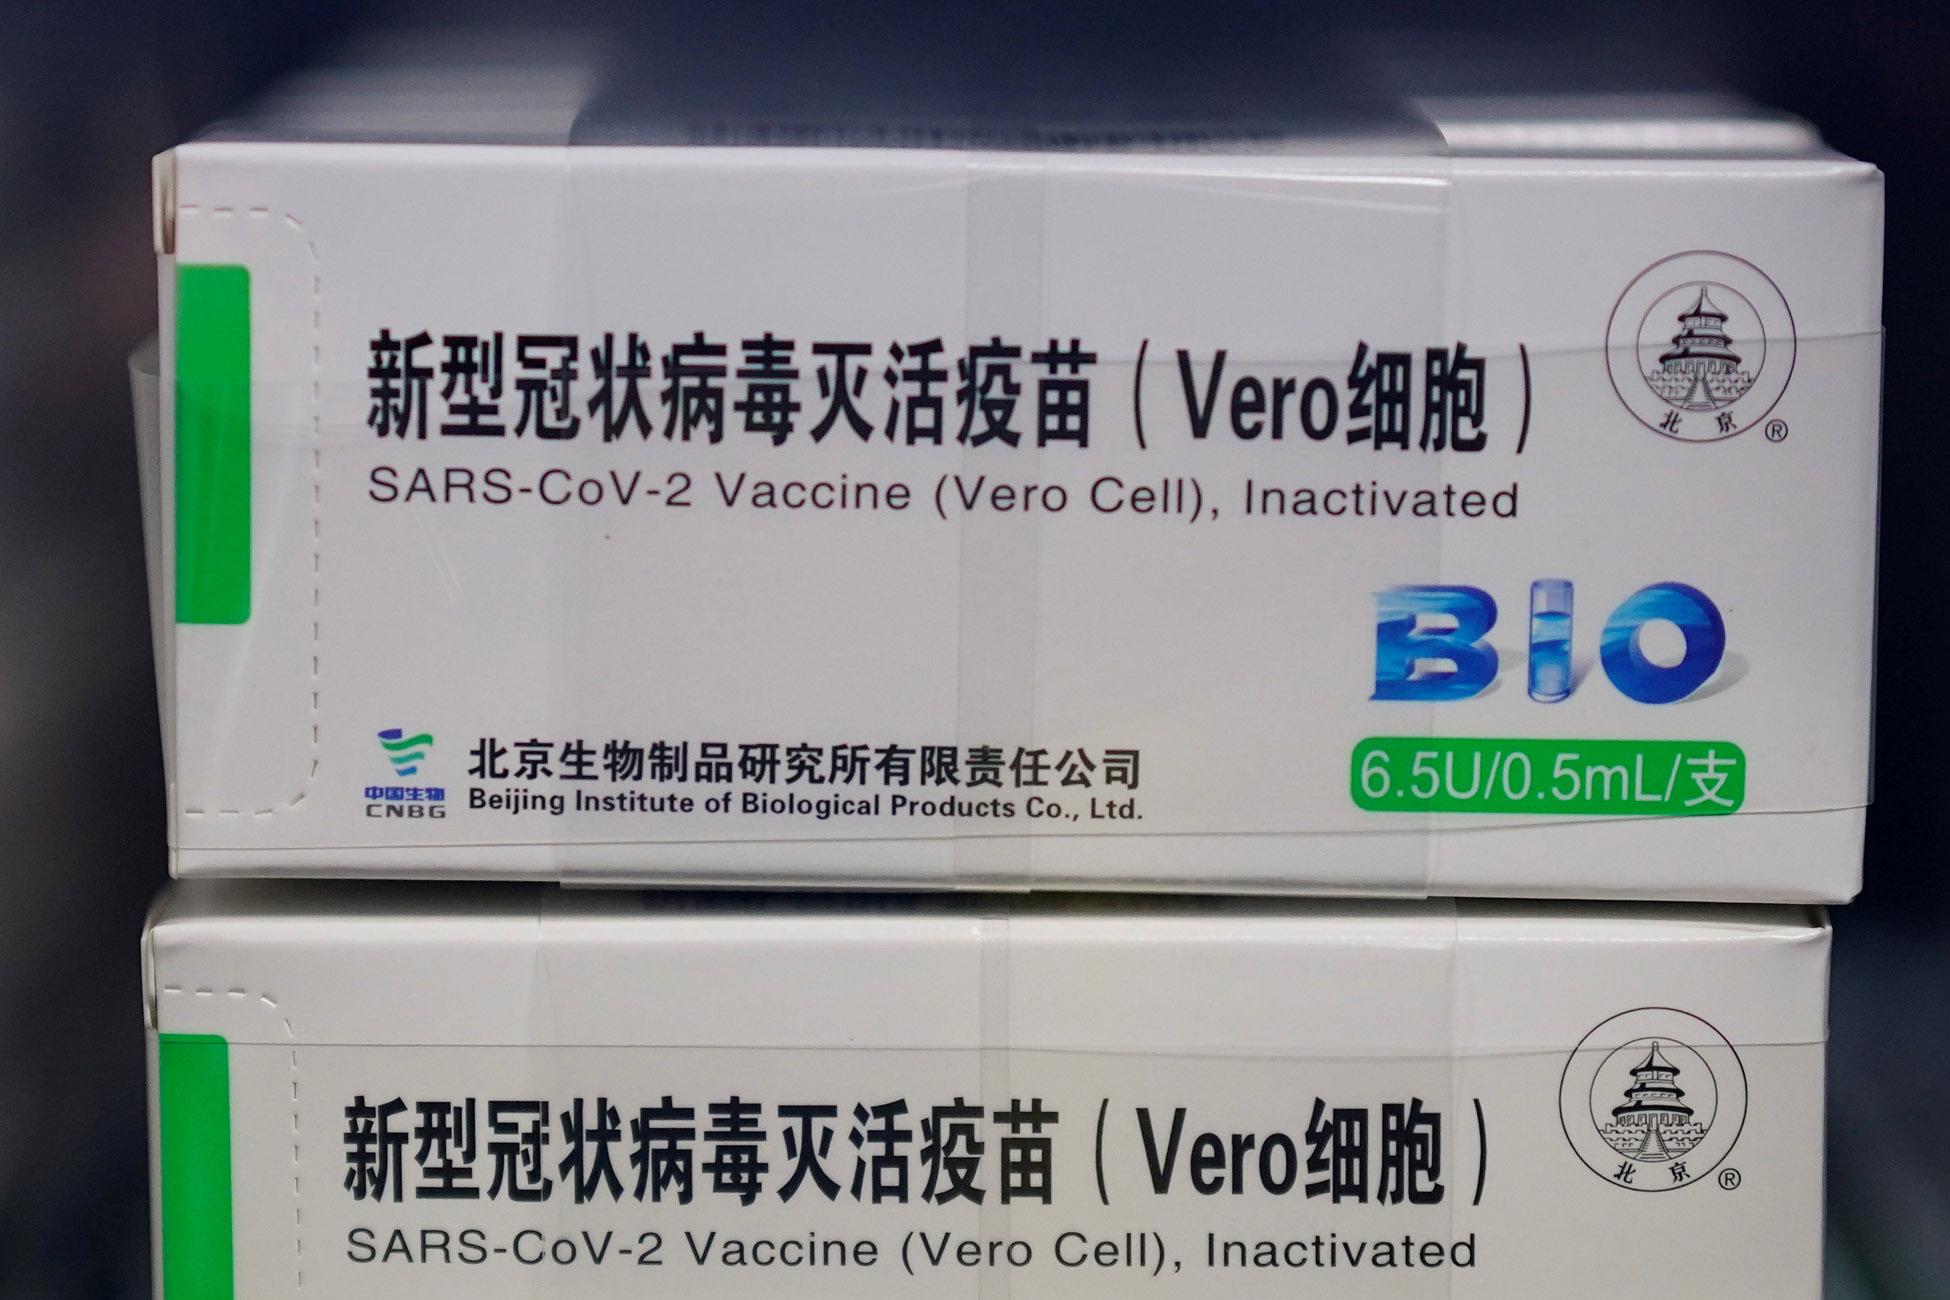 Κορονοϊός: Η Ουγγαρία αγοράζει 5 εκατομμύρια δόσεις του κινέζικου εμβολίου